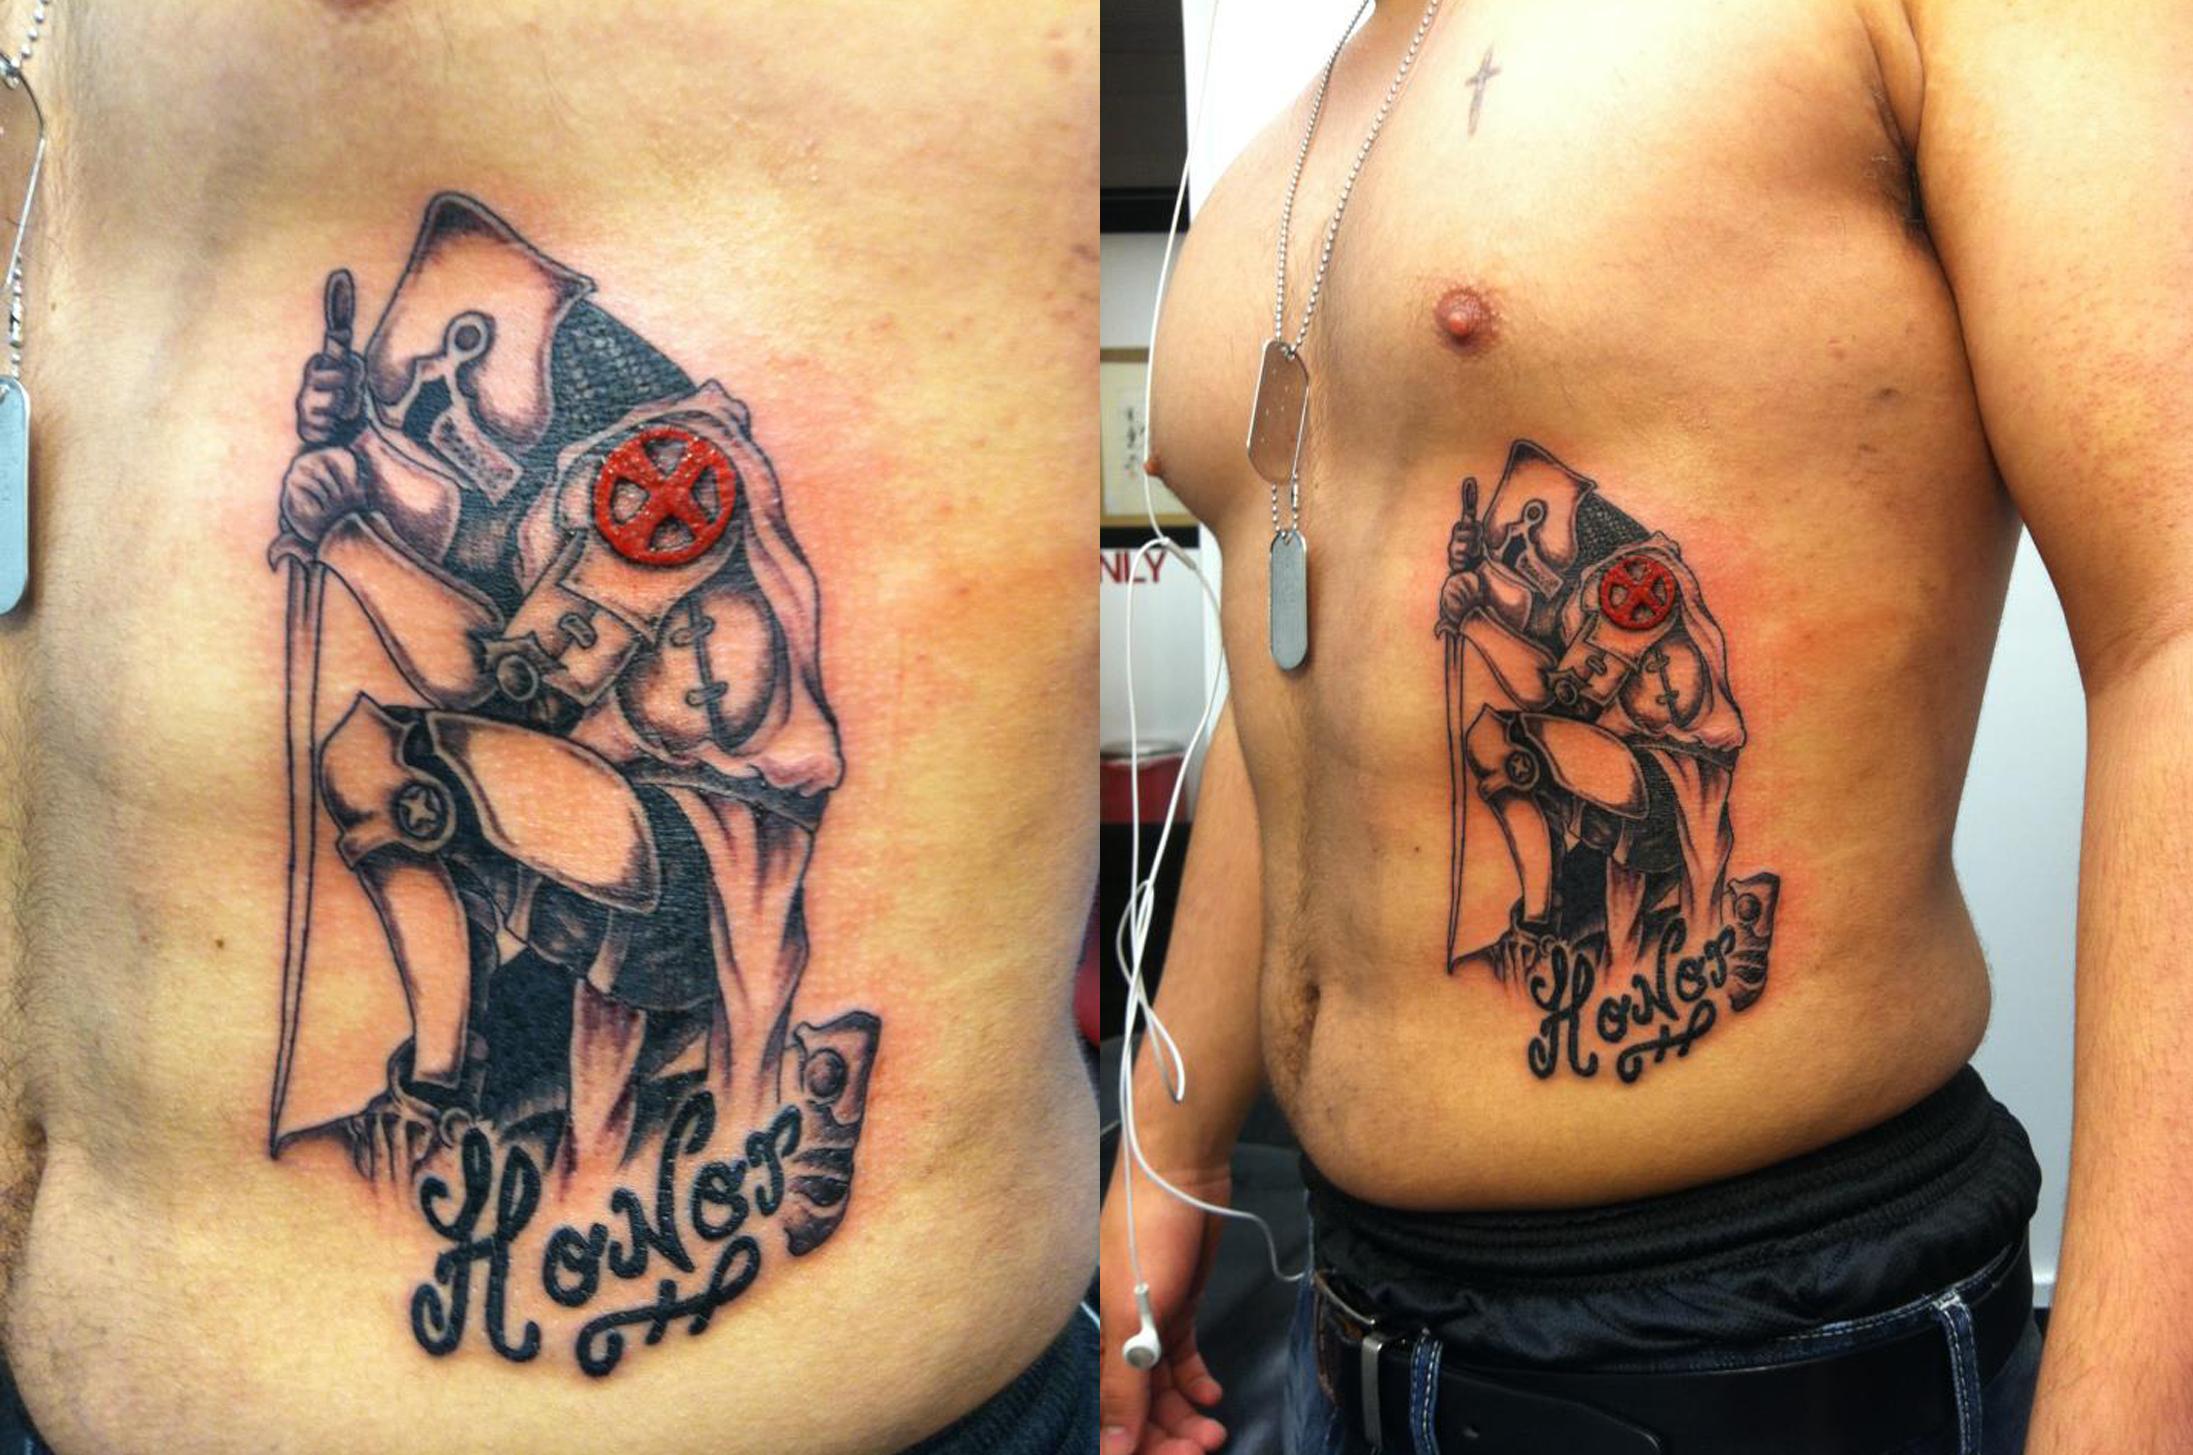 Tattoo brunswick ga